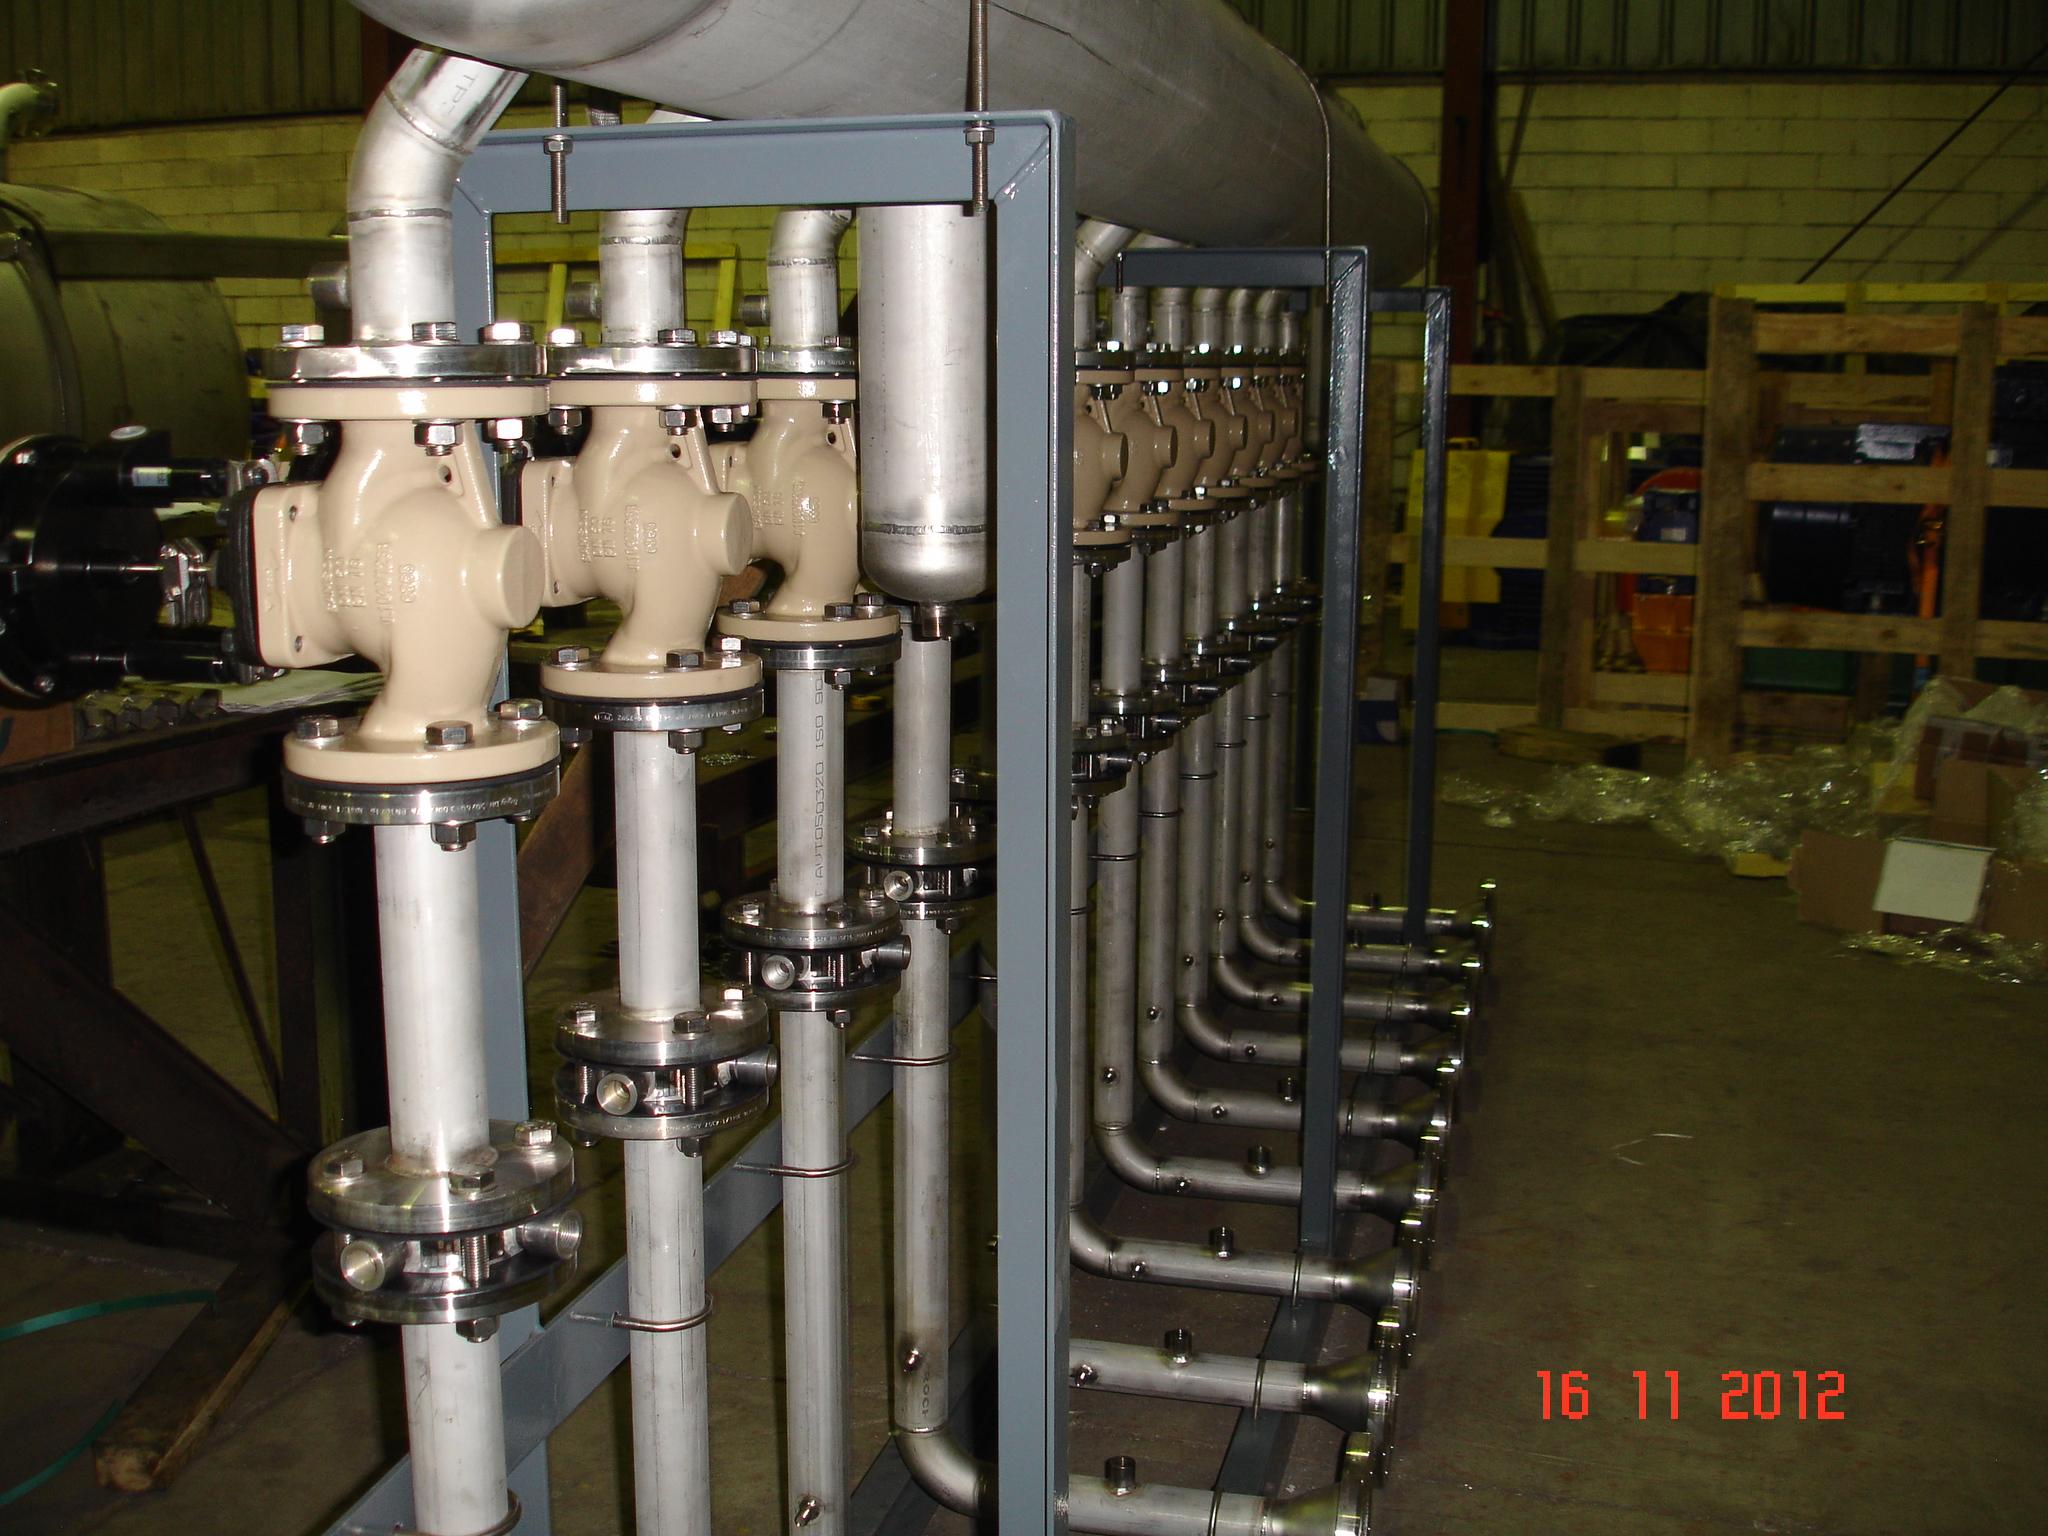 Equipo compacto para captación de biogas (Castellón, España)